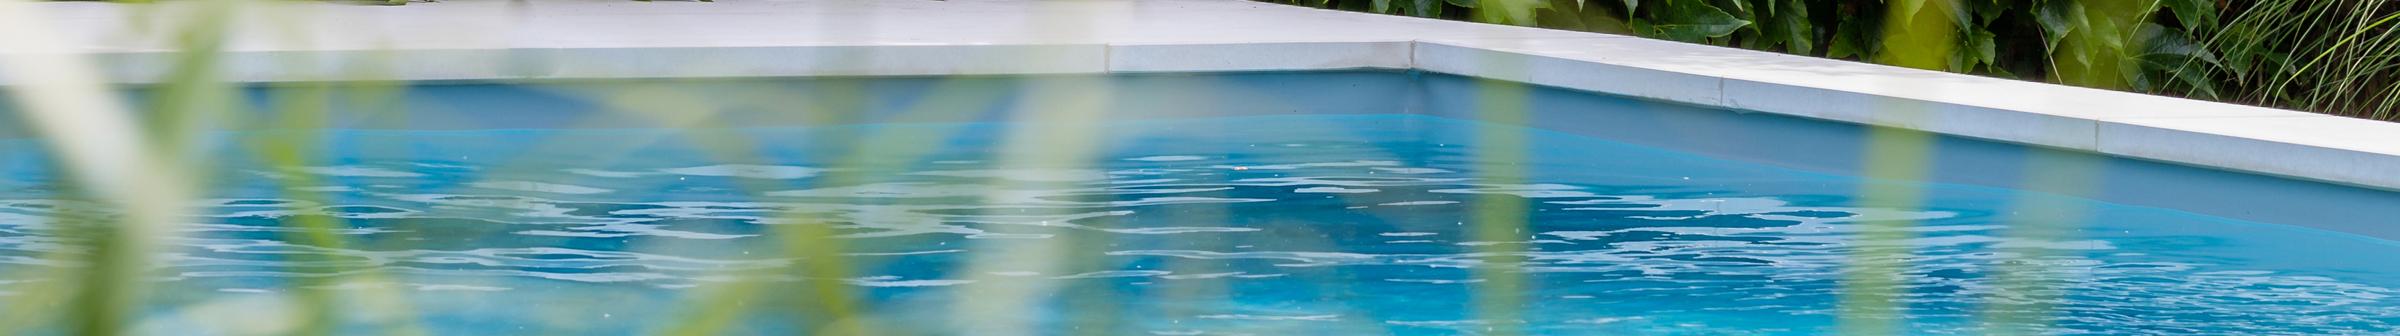 Schwimmbad – Produkte – Slider 1